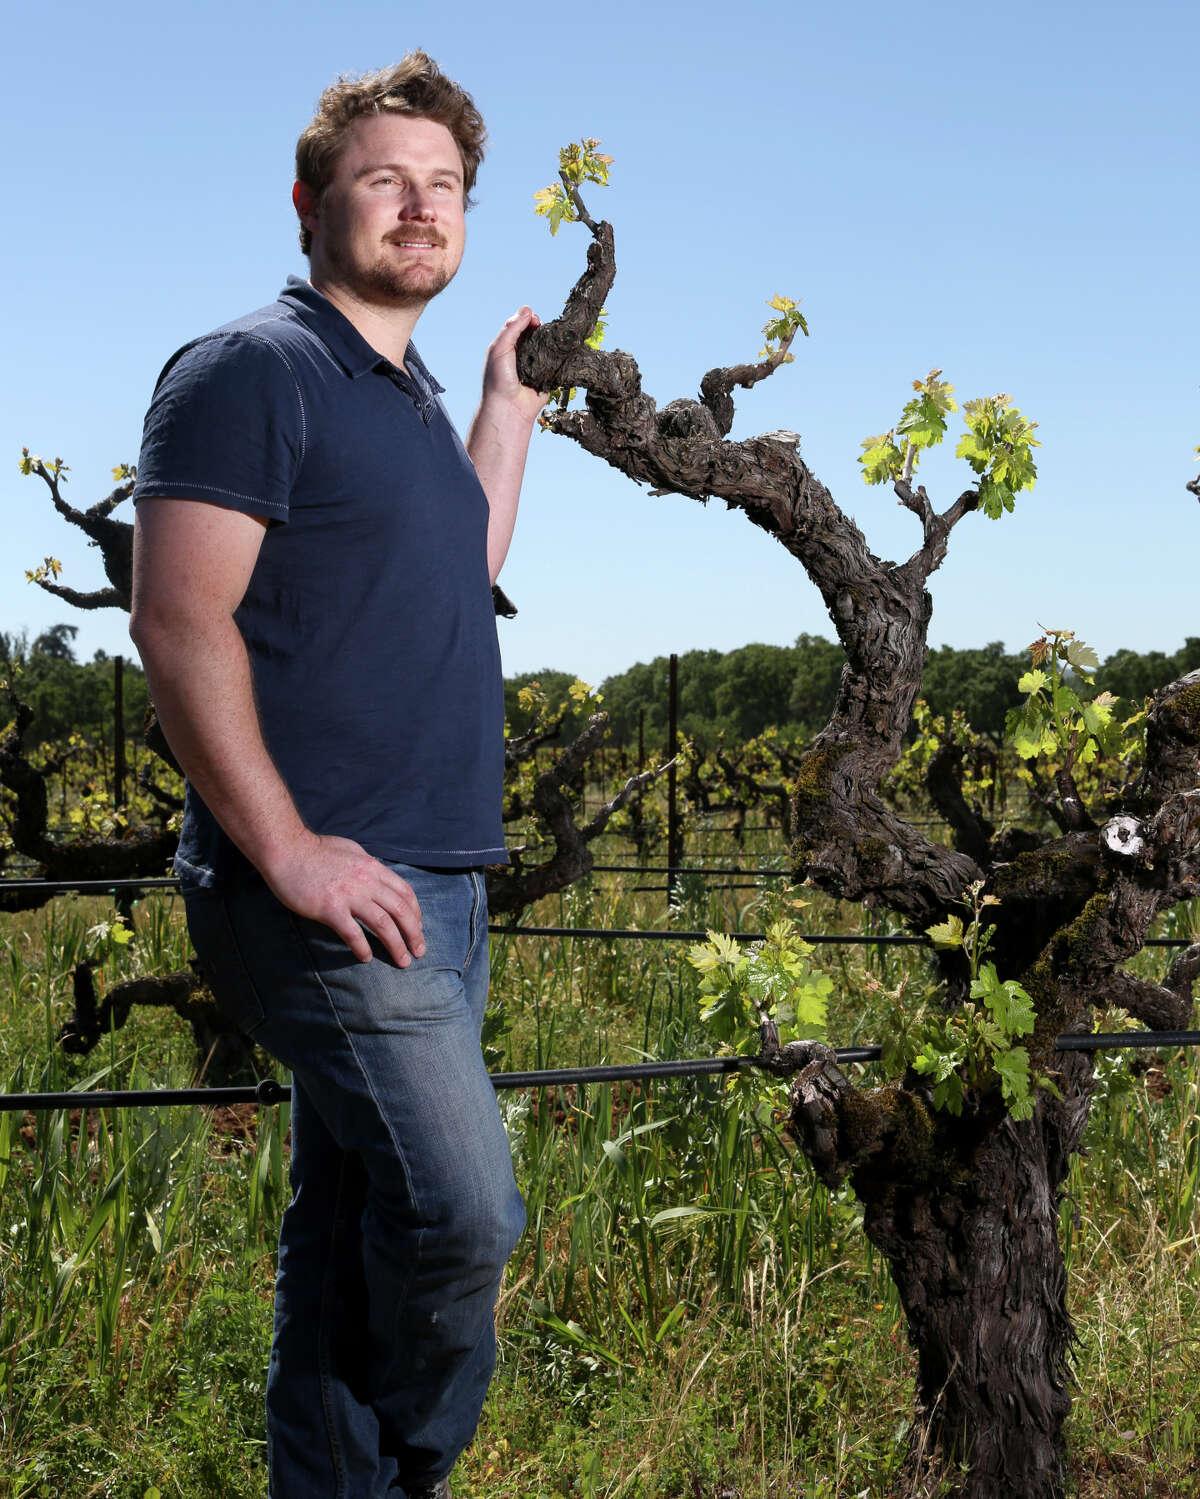 Morgan Twain-Peterson of Bedrock Wine poses in a vineyard of century-old zinfindel vines near Glen Ellen, Calif., Wednesday, April 17, 2013.